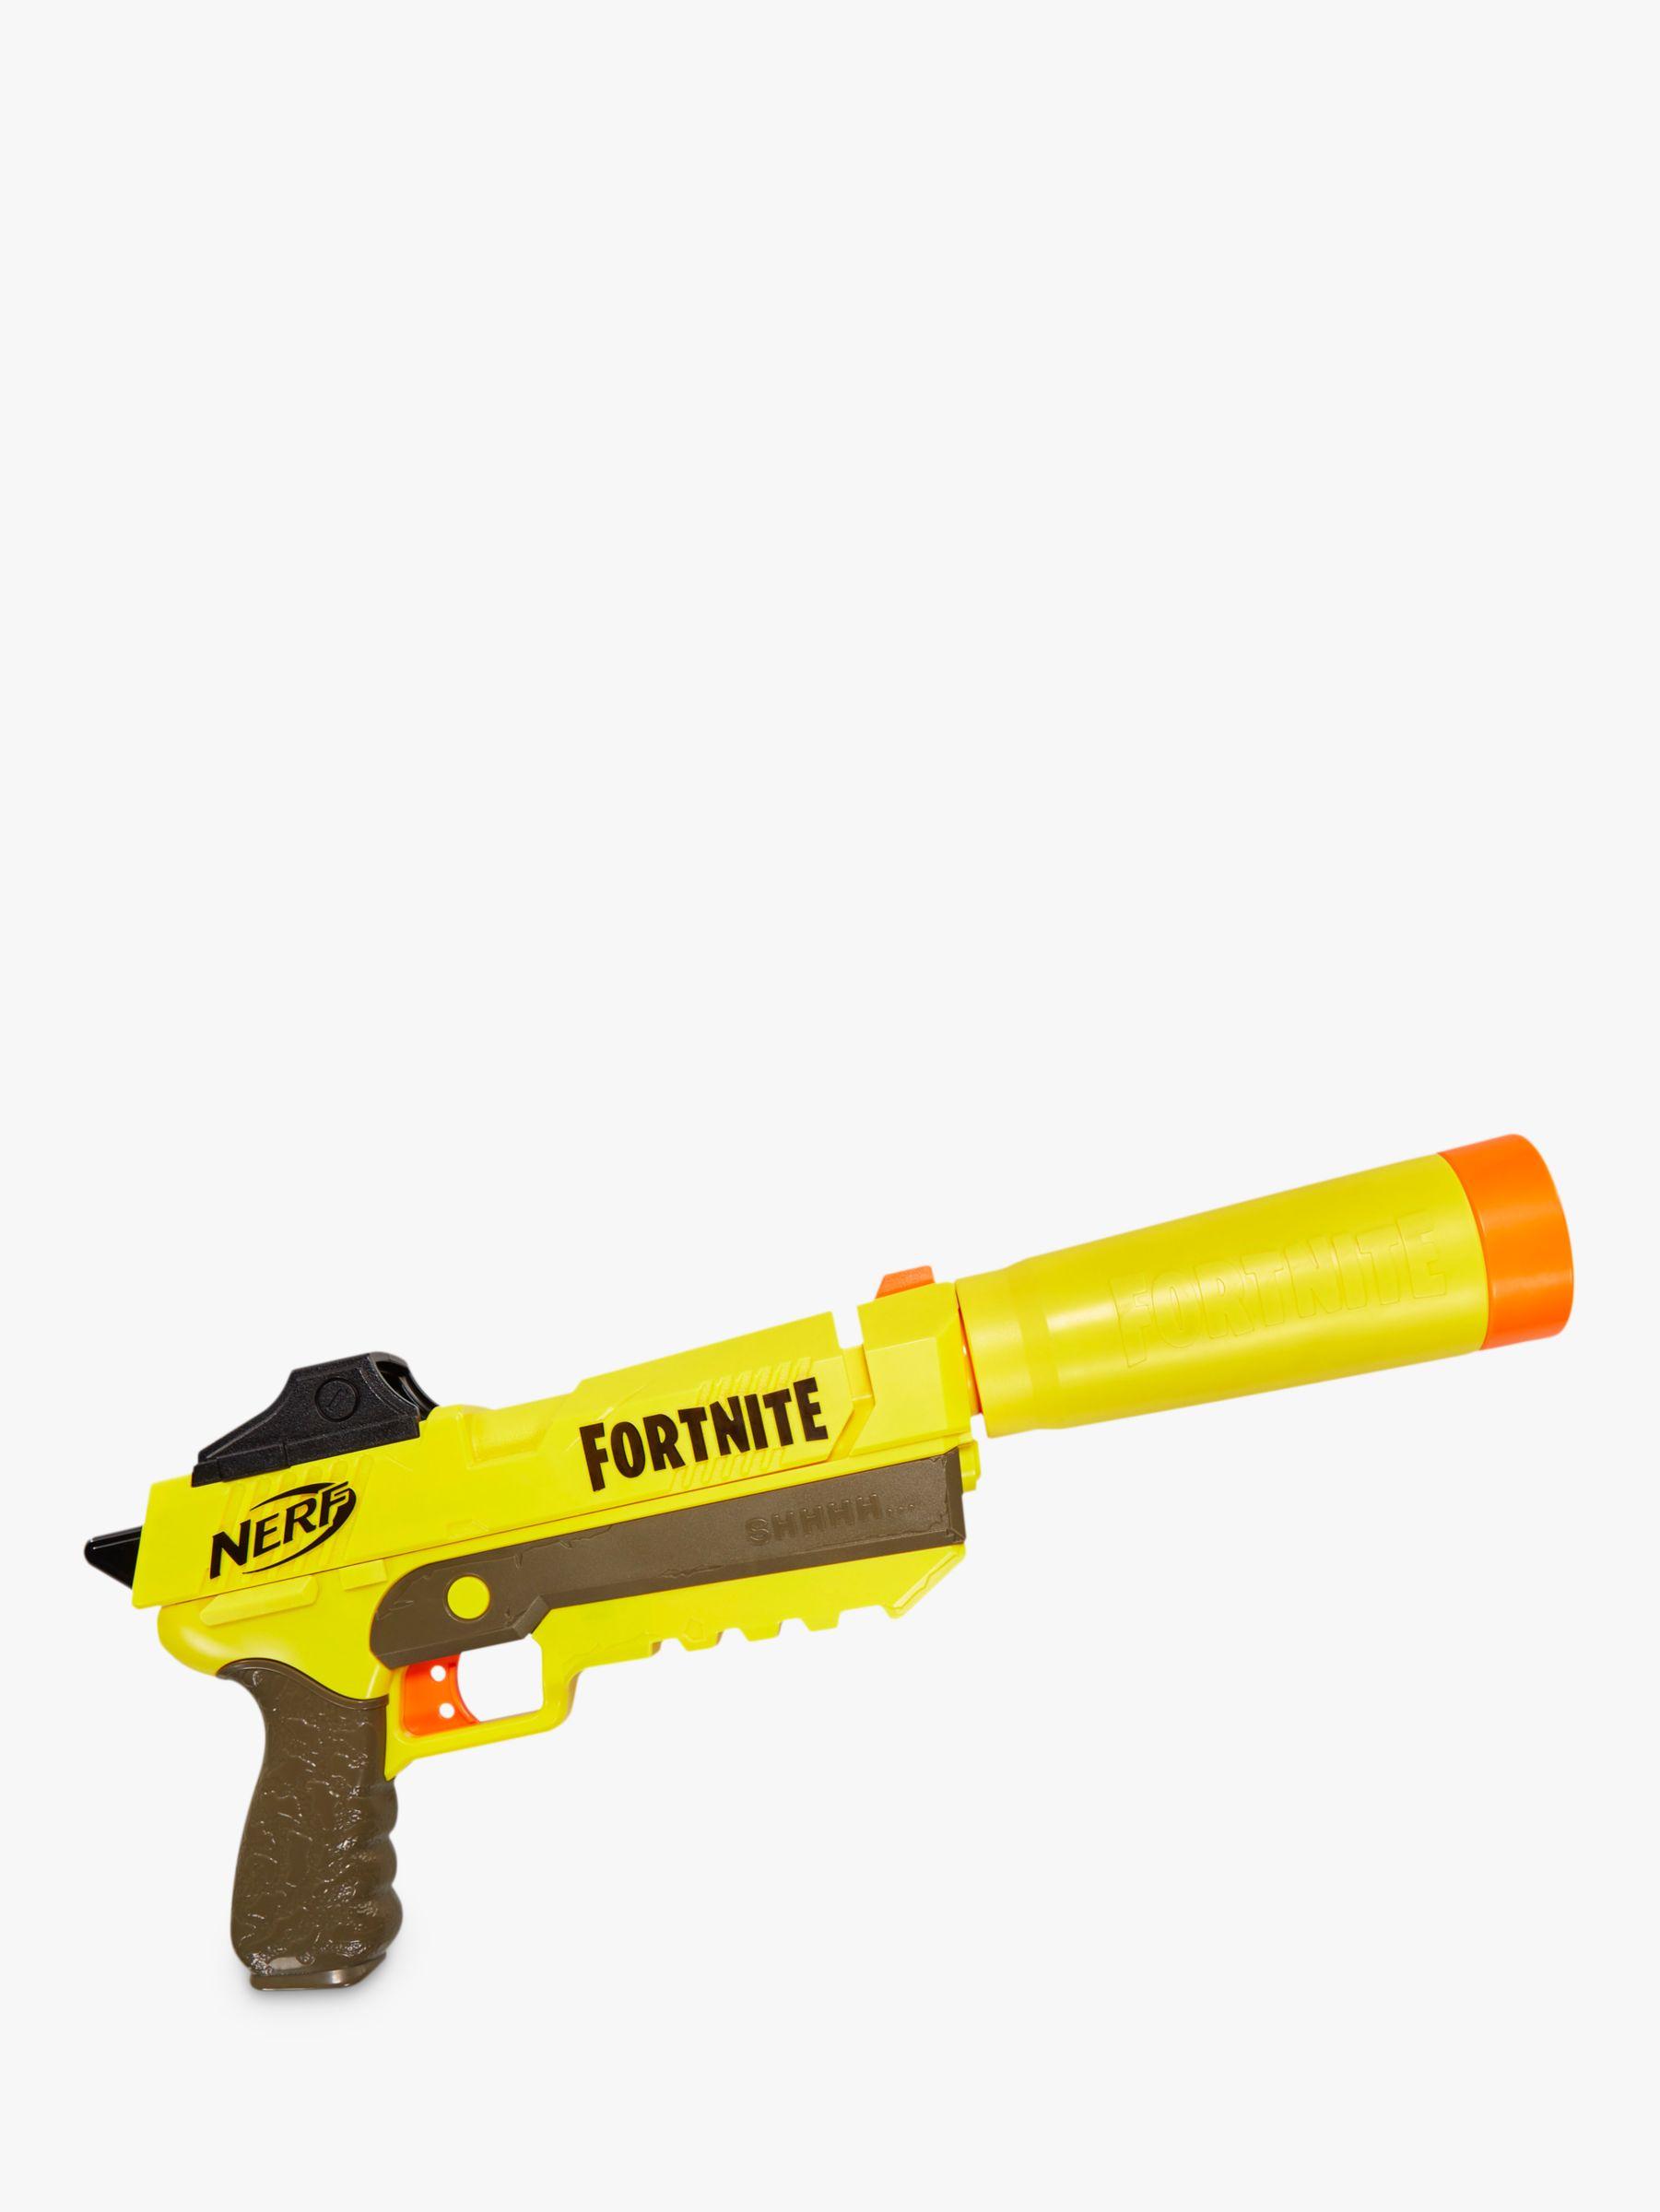 NERF Nerf Fortnite SP-L Elite Blaster